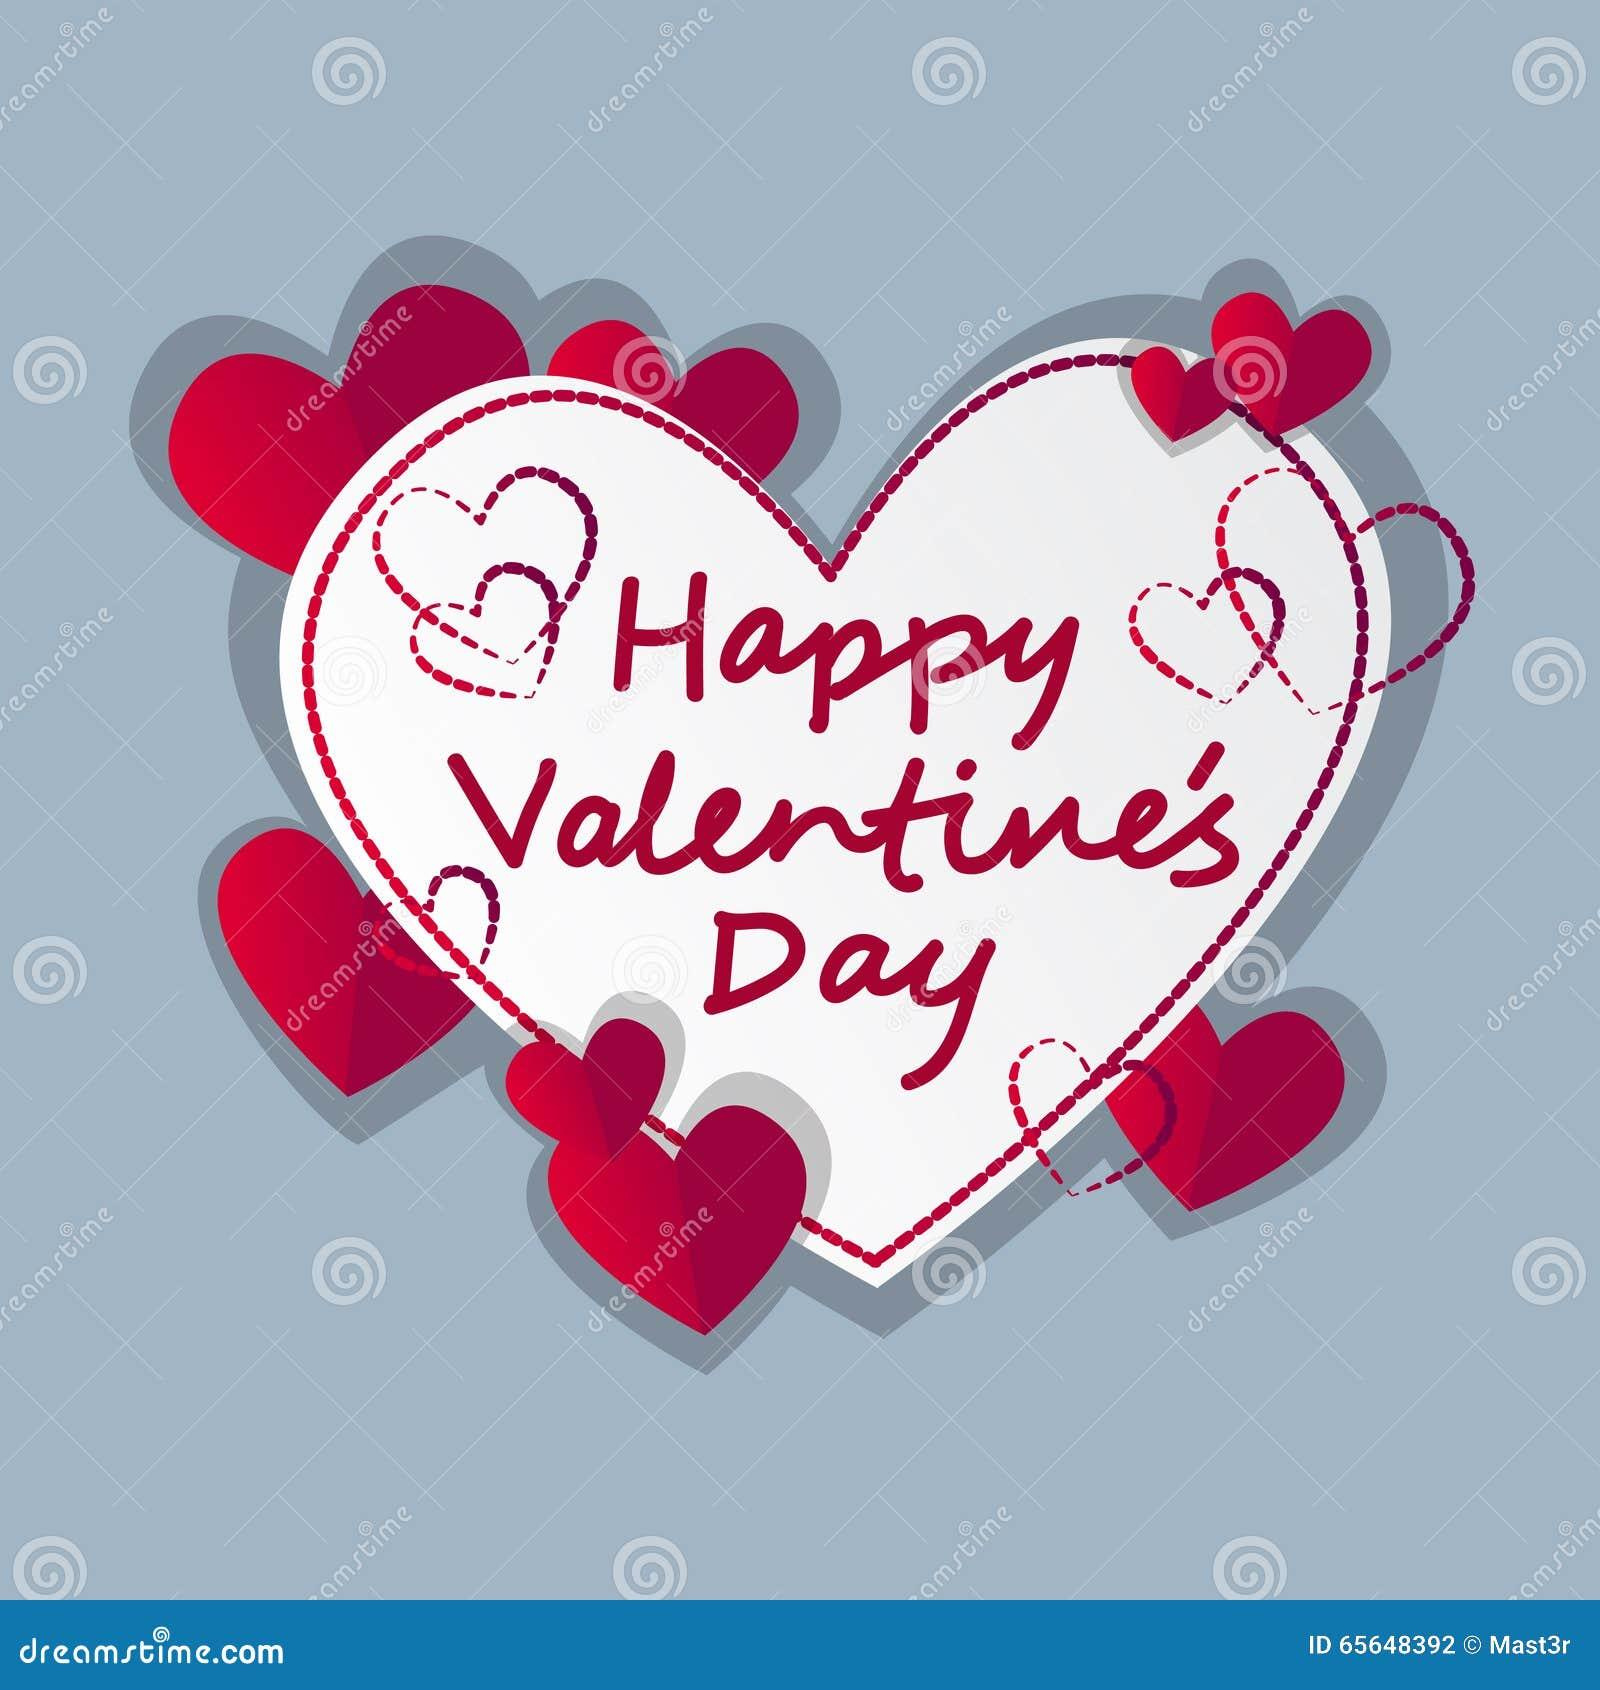 Valentine Day Gift Card Holiday Liebes Herz Form Vektor Abbildung